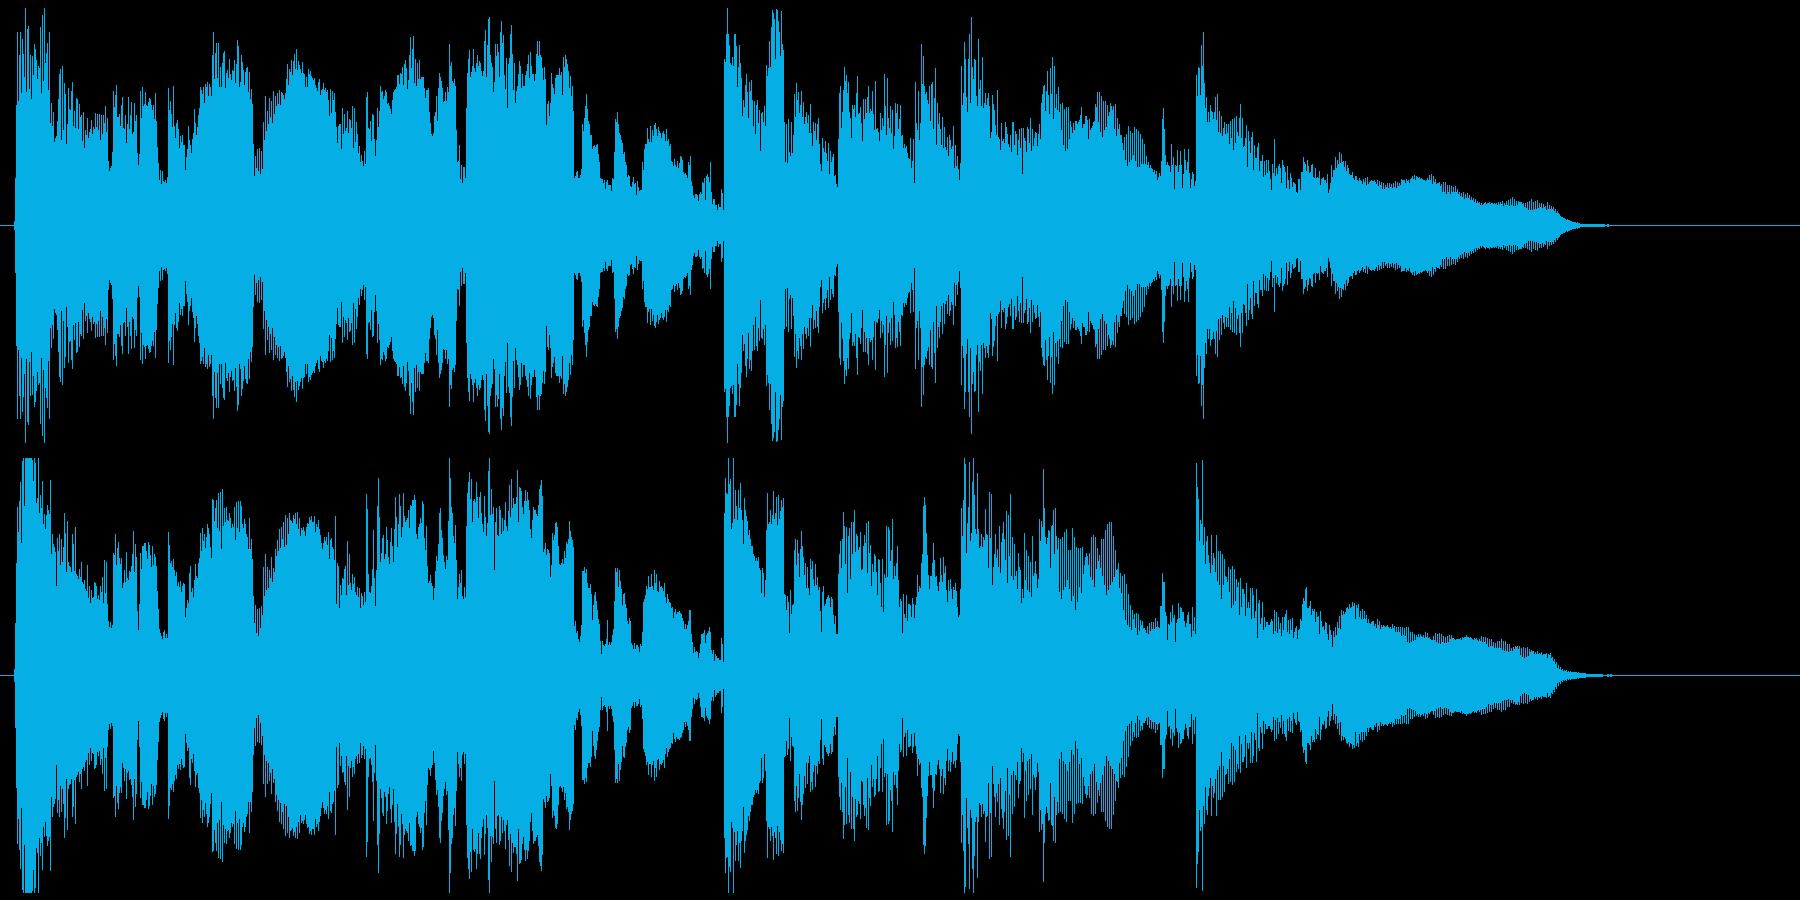 エピローグ的なサックスバラードのジングルの再生済みの波形